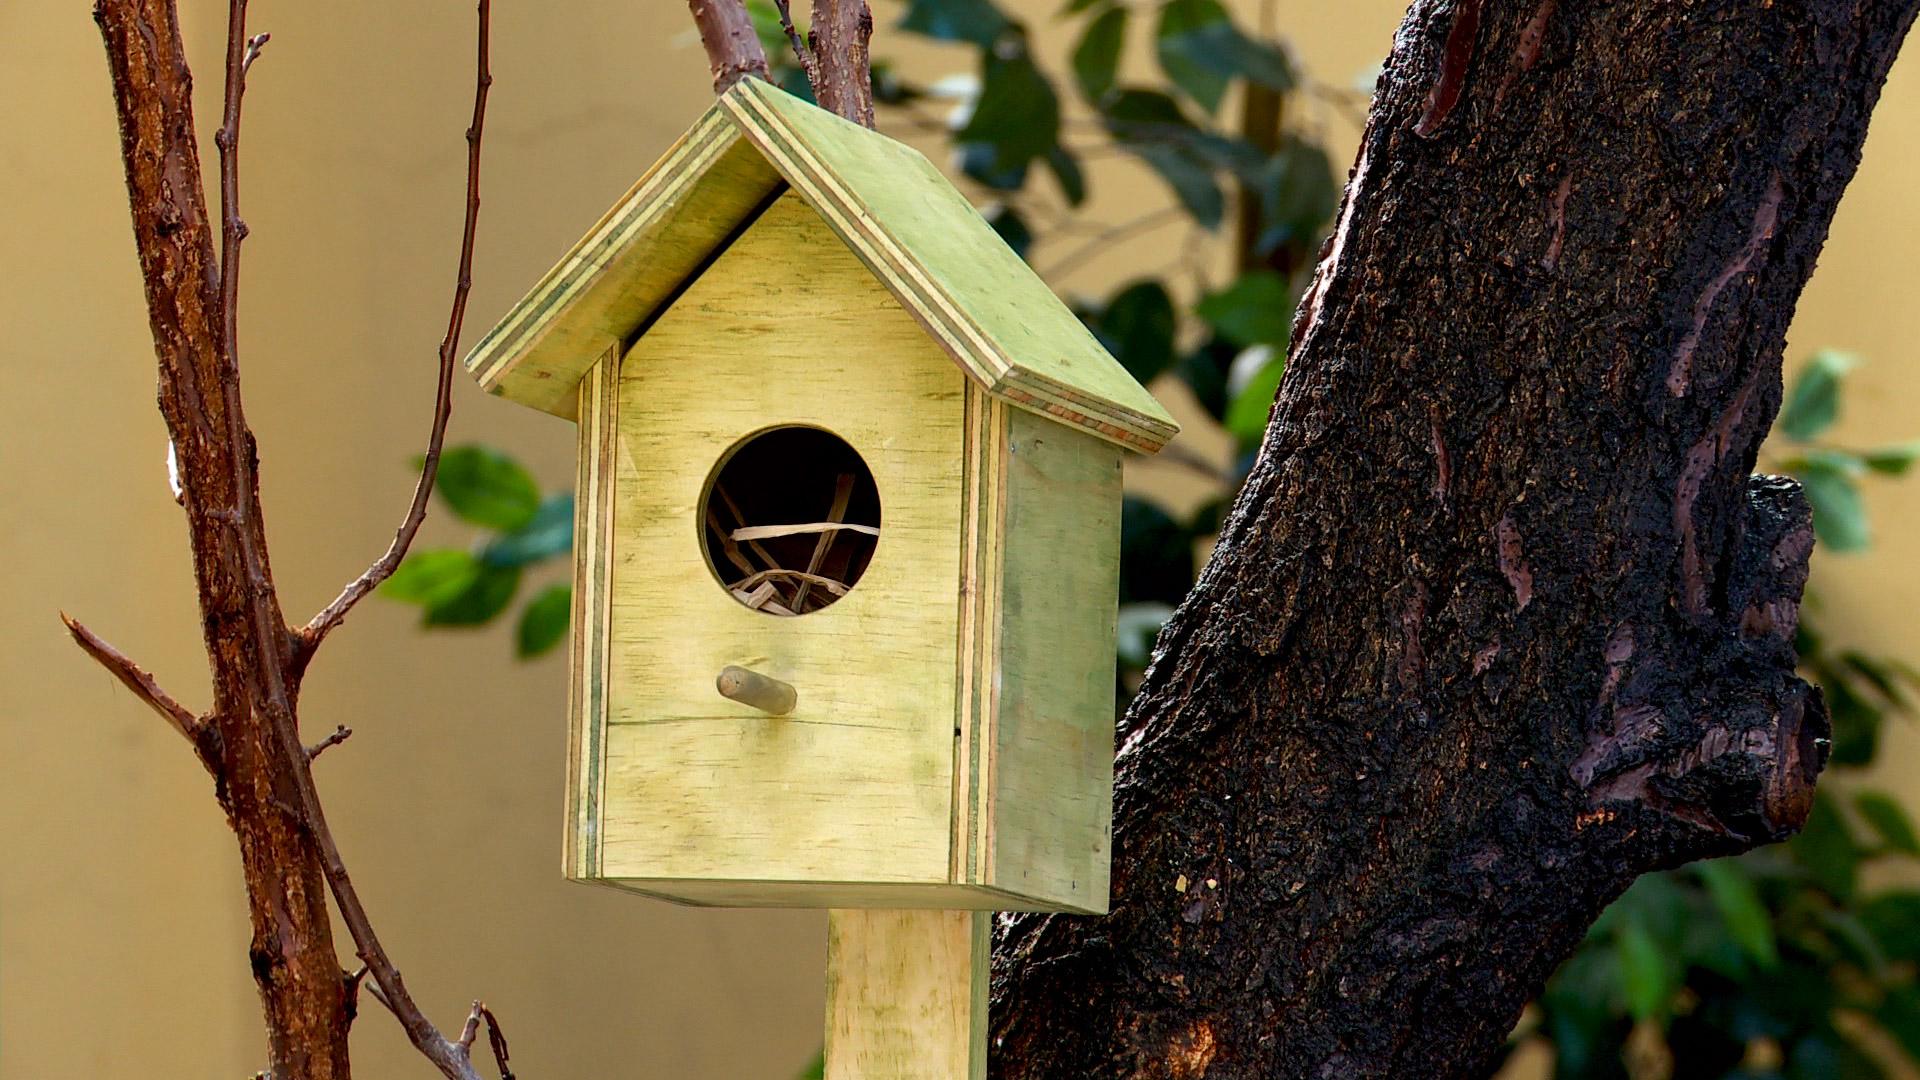 Construir una pajarera para poner alimentos a las aves silvestres, o como refugio para anidar, puede ser una buena actividad para hacer con los niños.